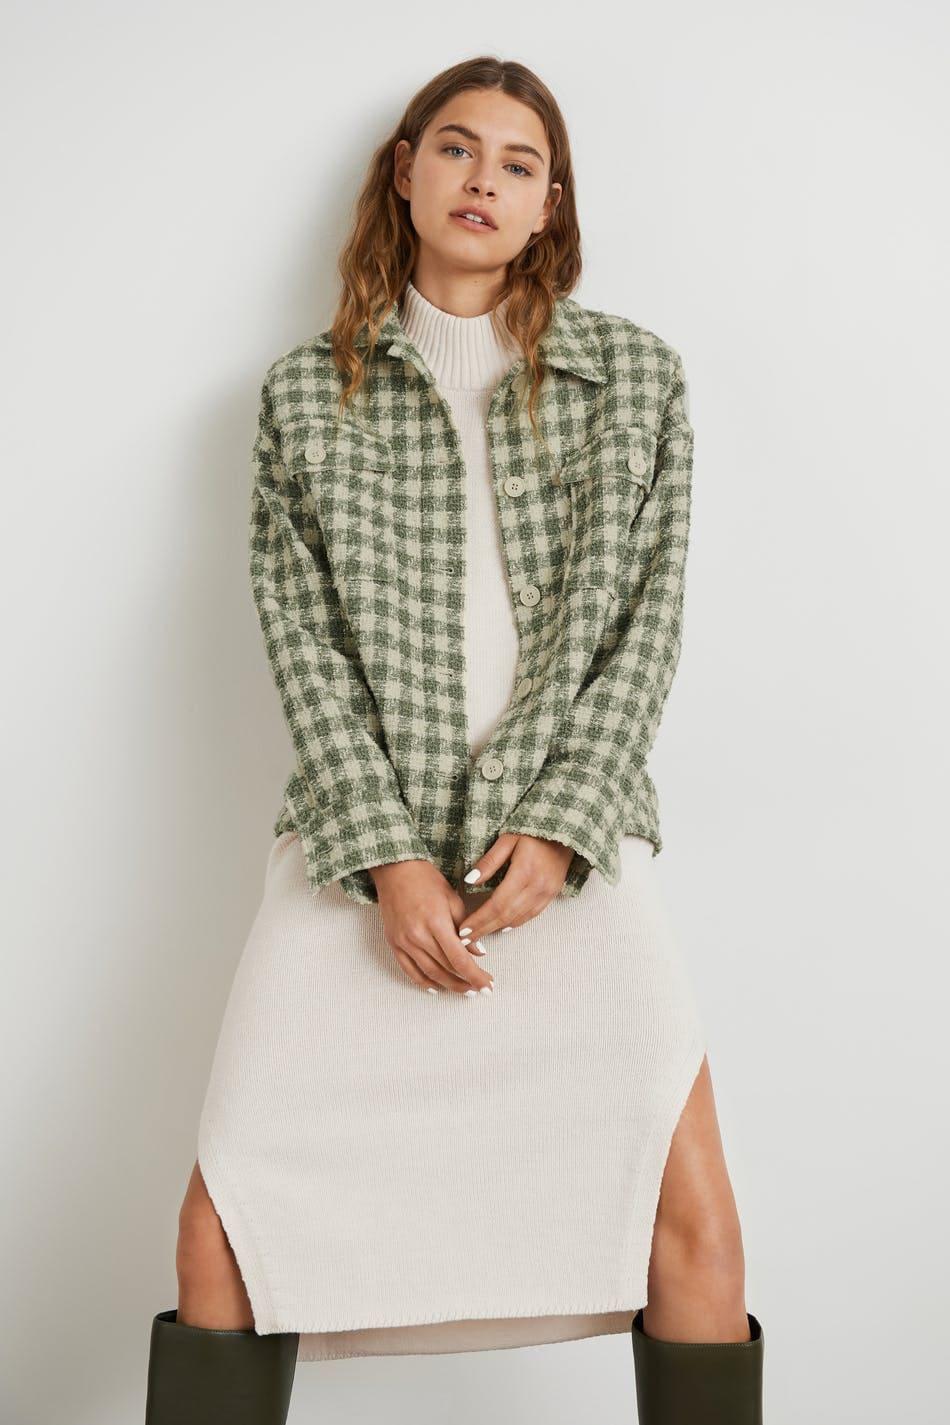 Grön rutig jacka / shacket med bröstfickor